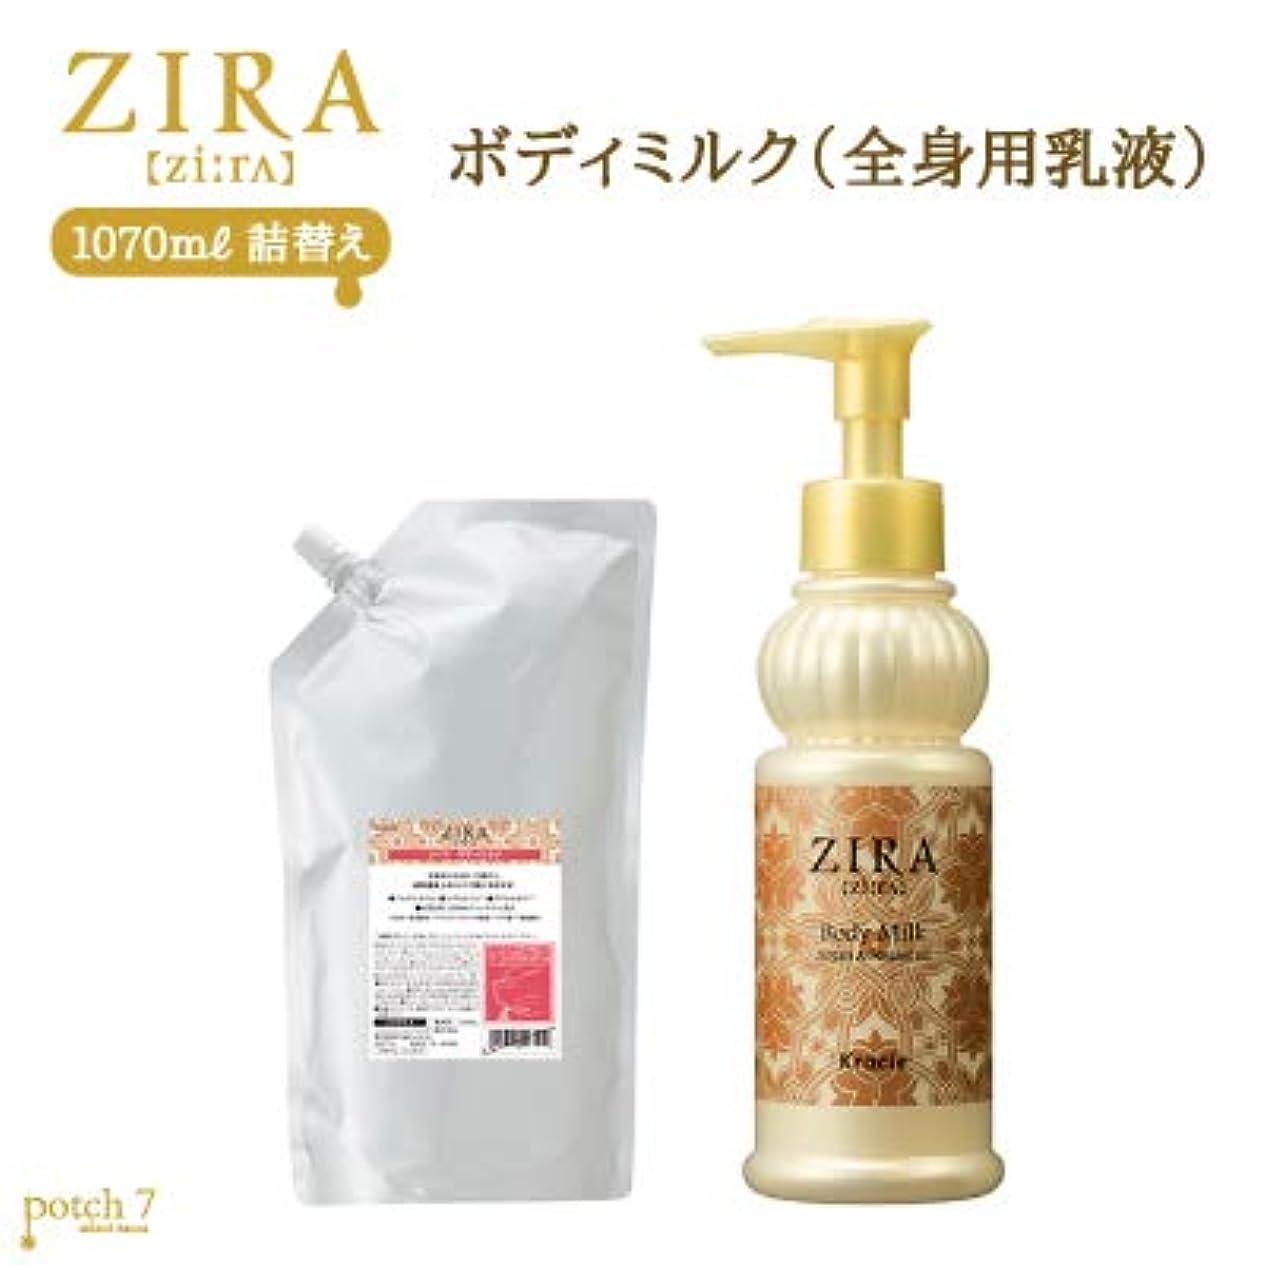 アルファベット順静かなアクセサリーkracie(クラシエ) ZIRA ジーラ ボディミルク 乳液 1070ml 業務用サイズ 詰替え 150ml×1本